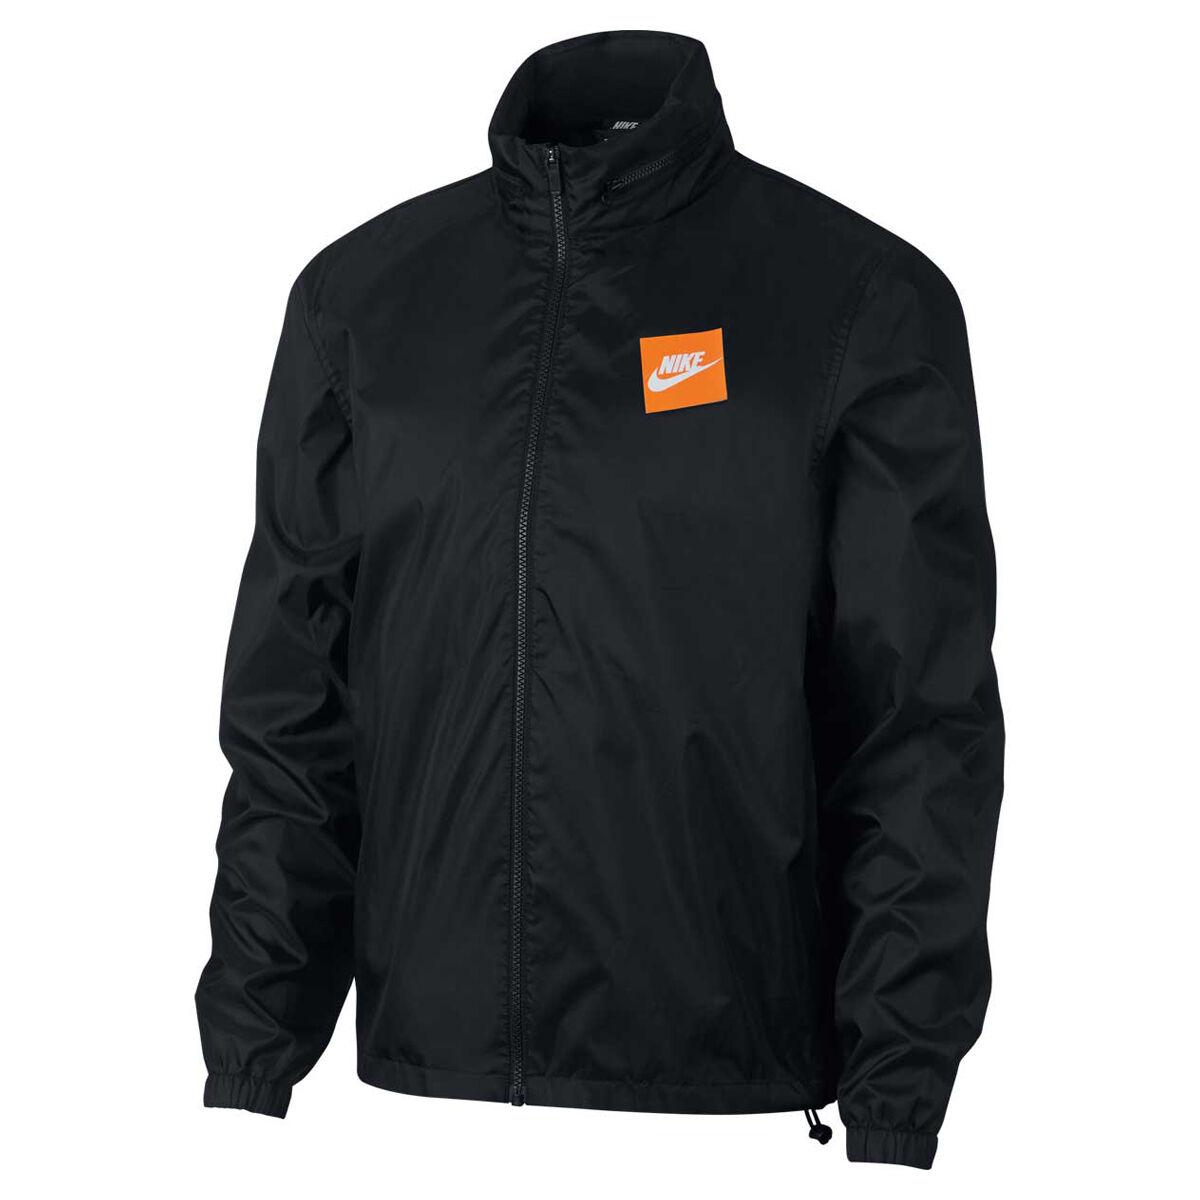 Nike Mens Sportswear Just Do It Woven Jacket Black L